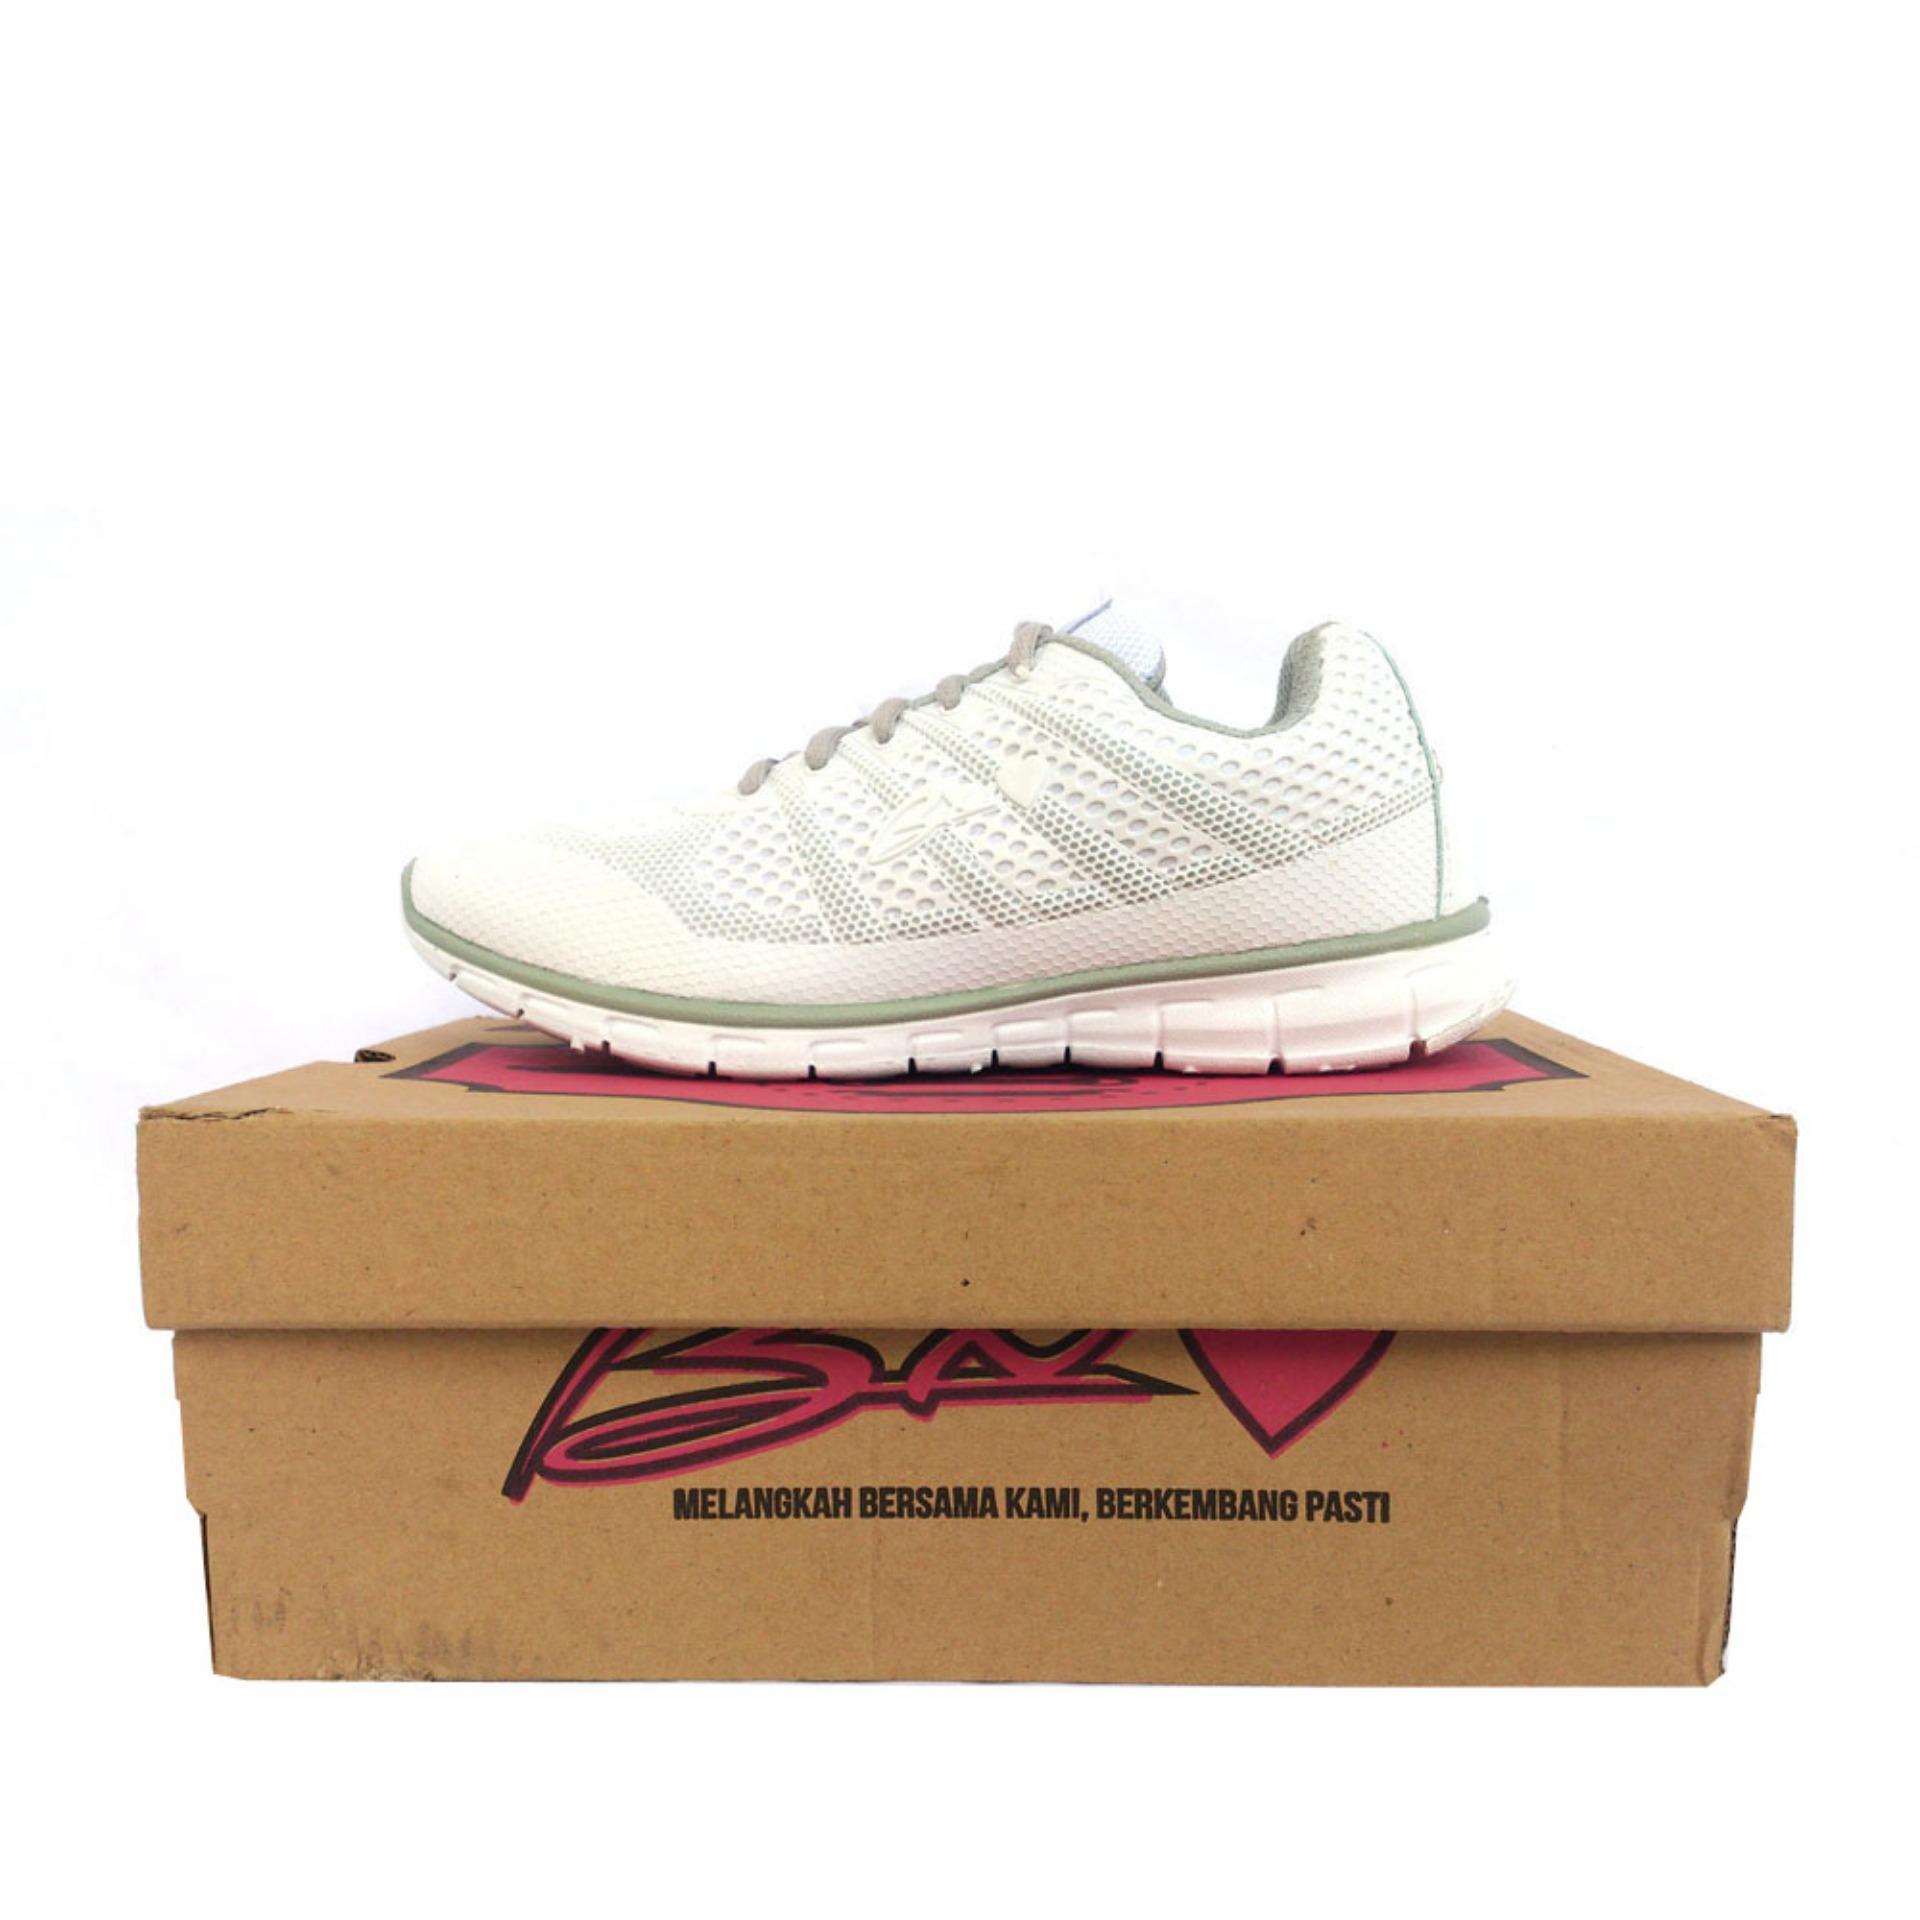 Spesifikasi Bx One Sepatu Olahraga Wanita Warna Putih Beserta Harganya